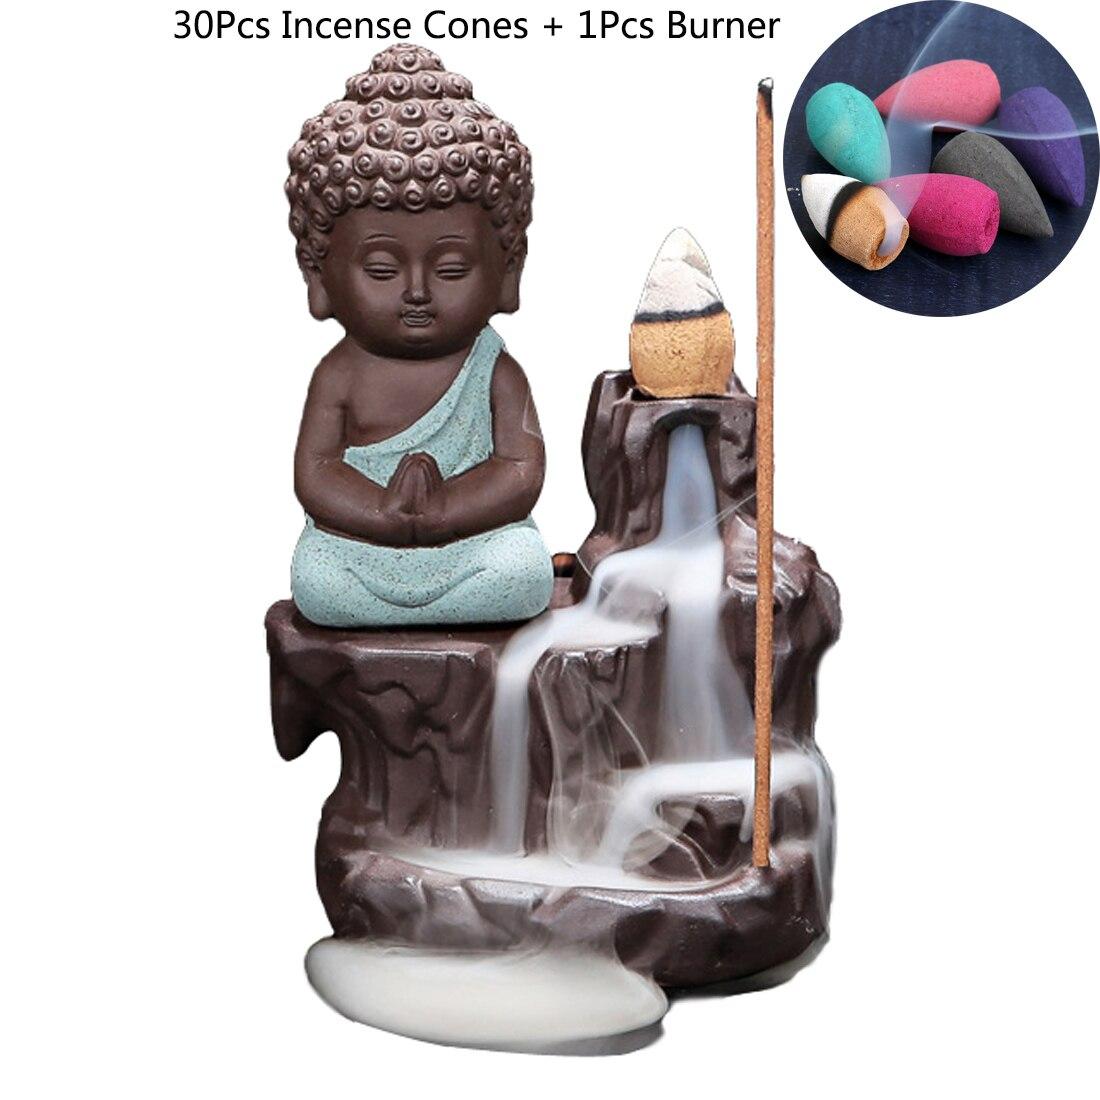 30 Pcs Encens Cônes + 1 Pcs Brûleur D'encens Encensoir En Céramique Petit Moine Petit Bouddha Encens Brûleur pour La Maison Bureau salon de thé Décor